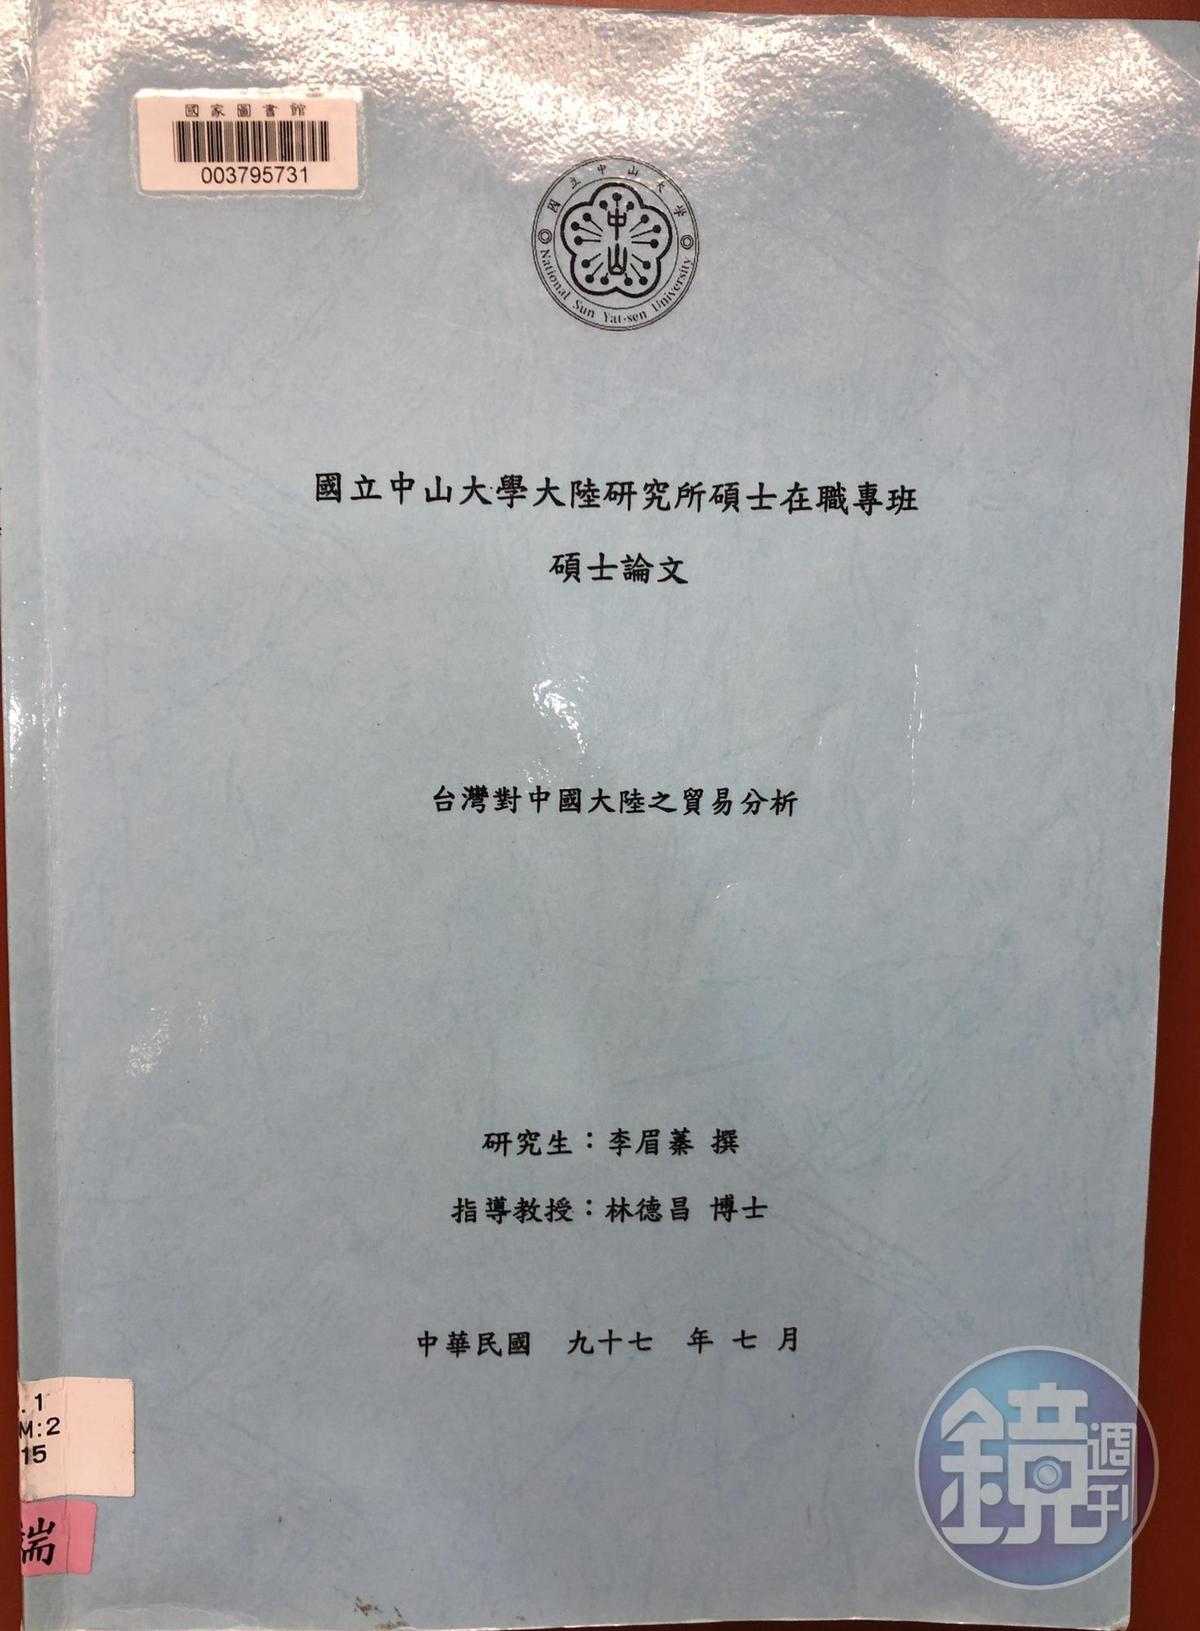 李眉蓁碩士論文《台灣對中國大陸之貿易分析》,是她在2008年7月所完成並出版,扣掉前後的摘要、目錄及參考文獻,本文共123頁。